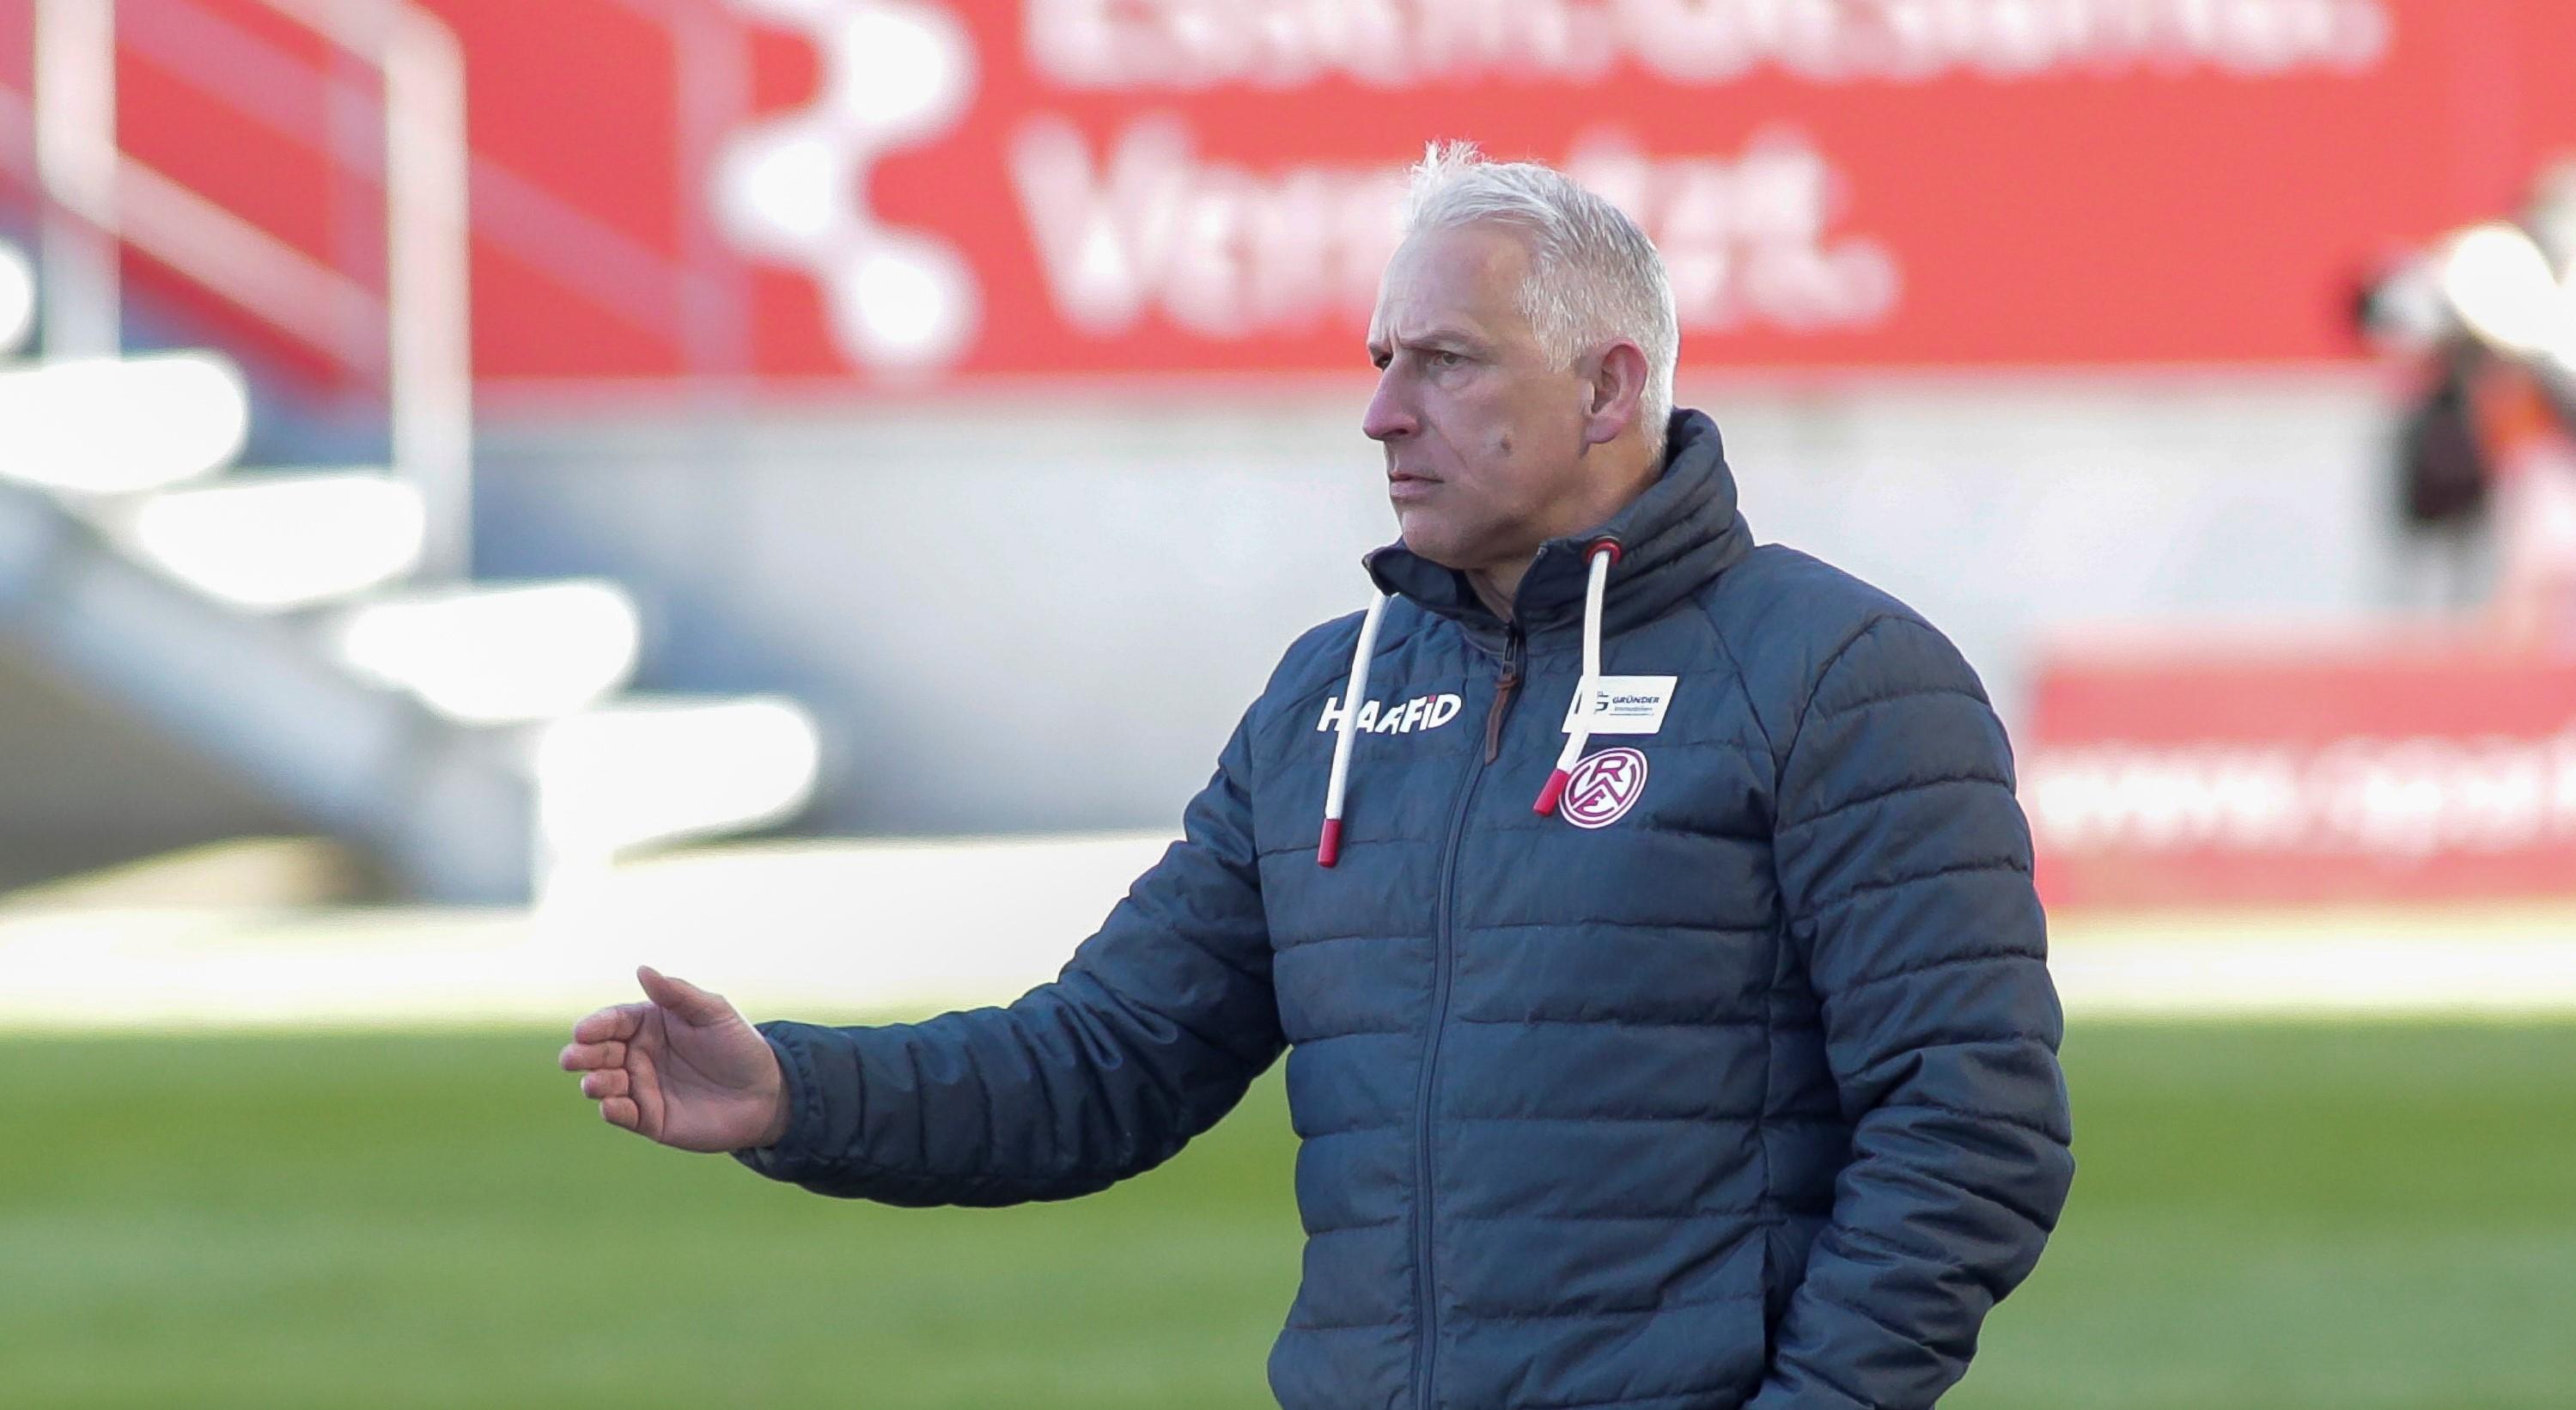 Die Hausaufgaben gegen Aachen sind klar: Drei Punkte holen und den BVB von Platz eins verdrängen. (Foto: Endberg)